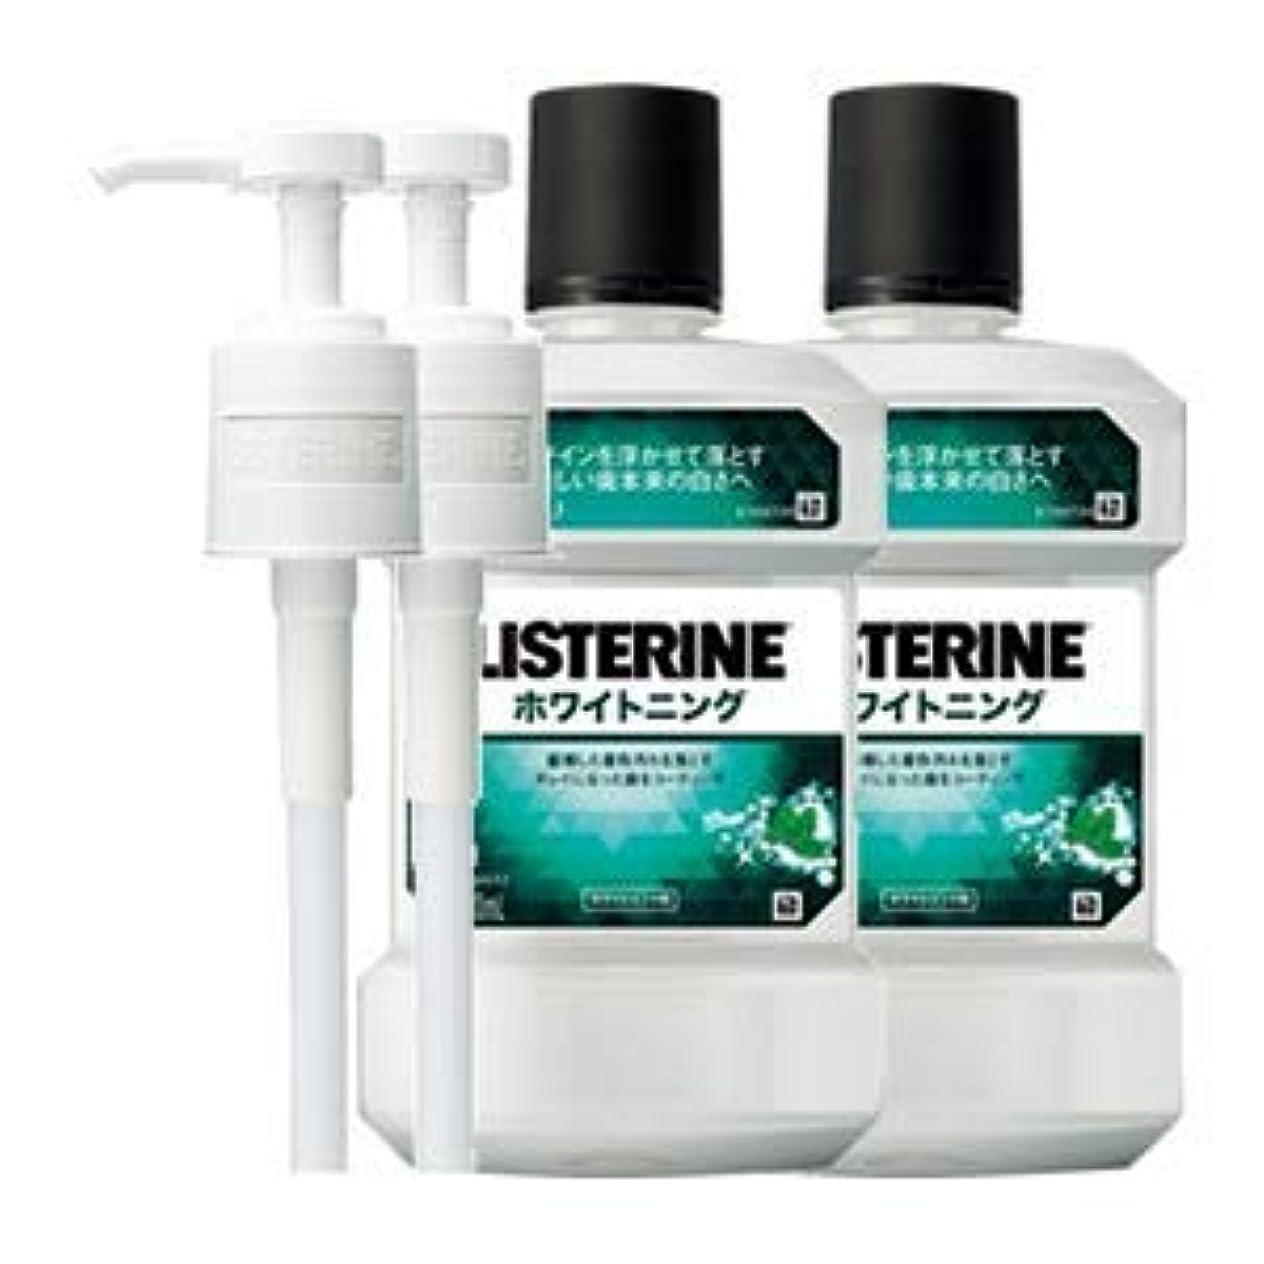 インキュバスまだら迫害する薬用 リステリン ホワイトニング (液体歯磨) 1000mL 2点セット (ポンプ付)